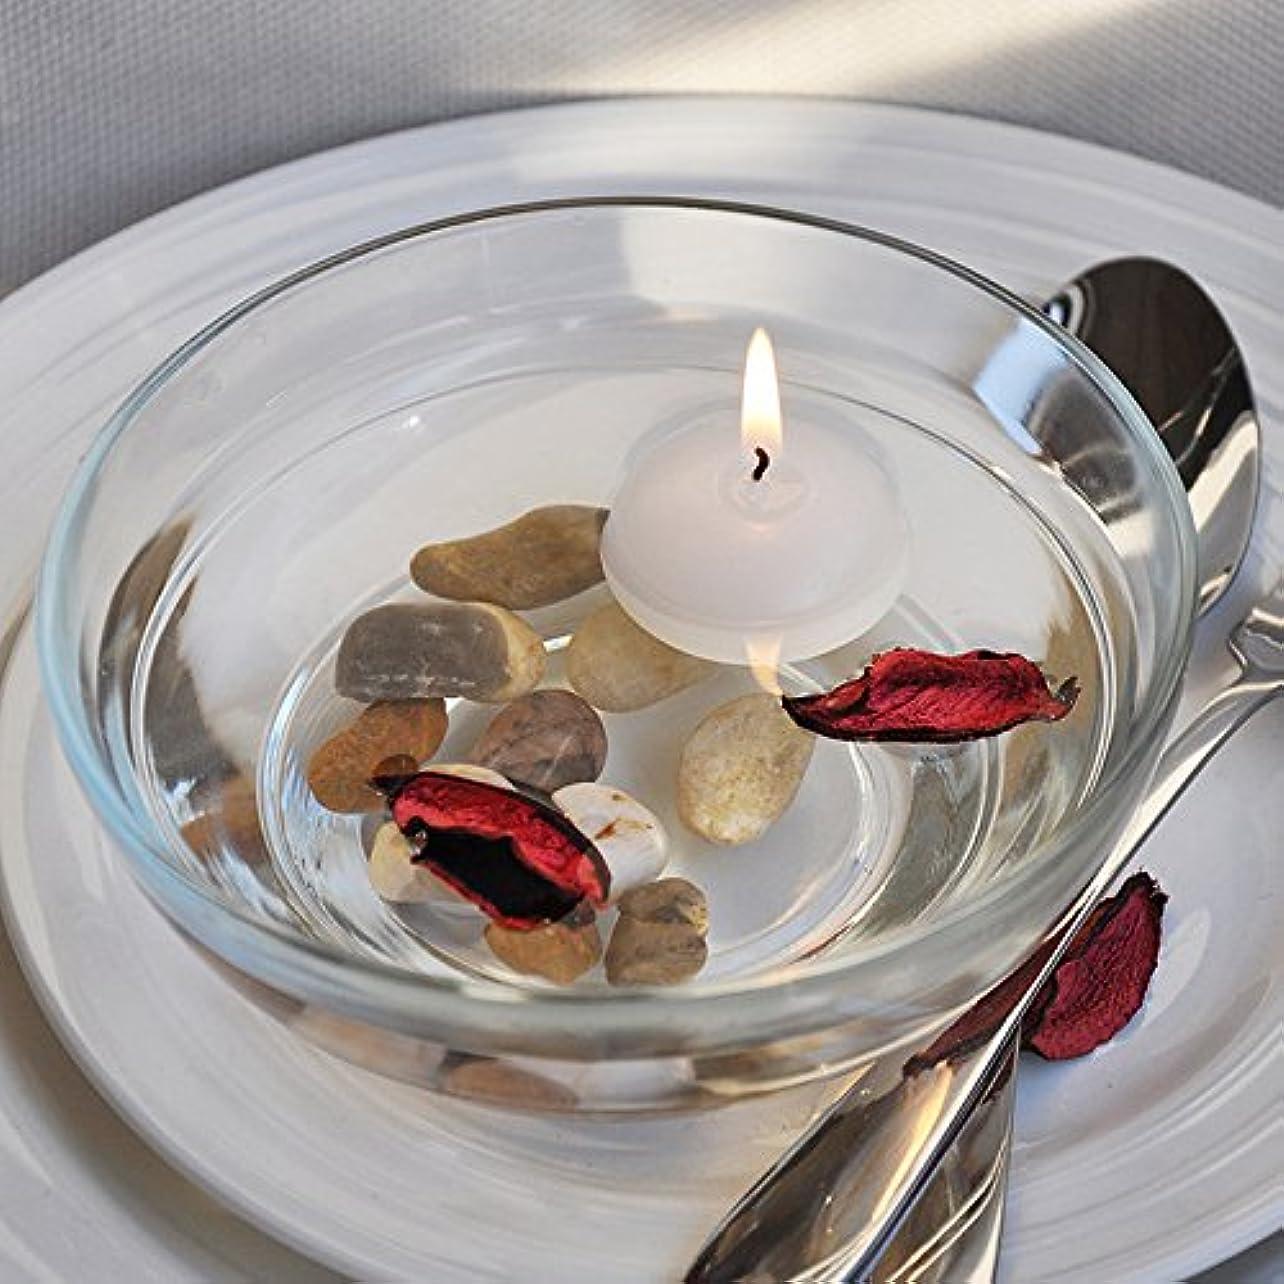 ショップコカインブランク熱い販売10ピース/ロット小さな無香料フローティングキャンドル用ウェディングパーティーホームデコレーションキャンドル-Ivory